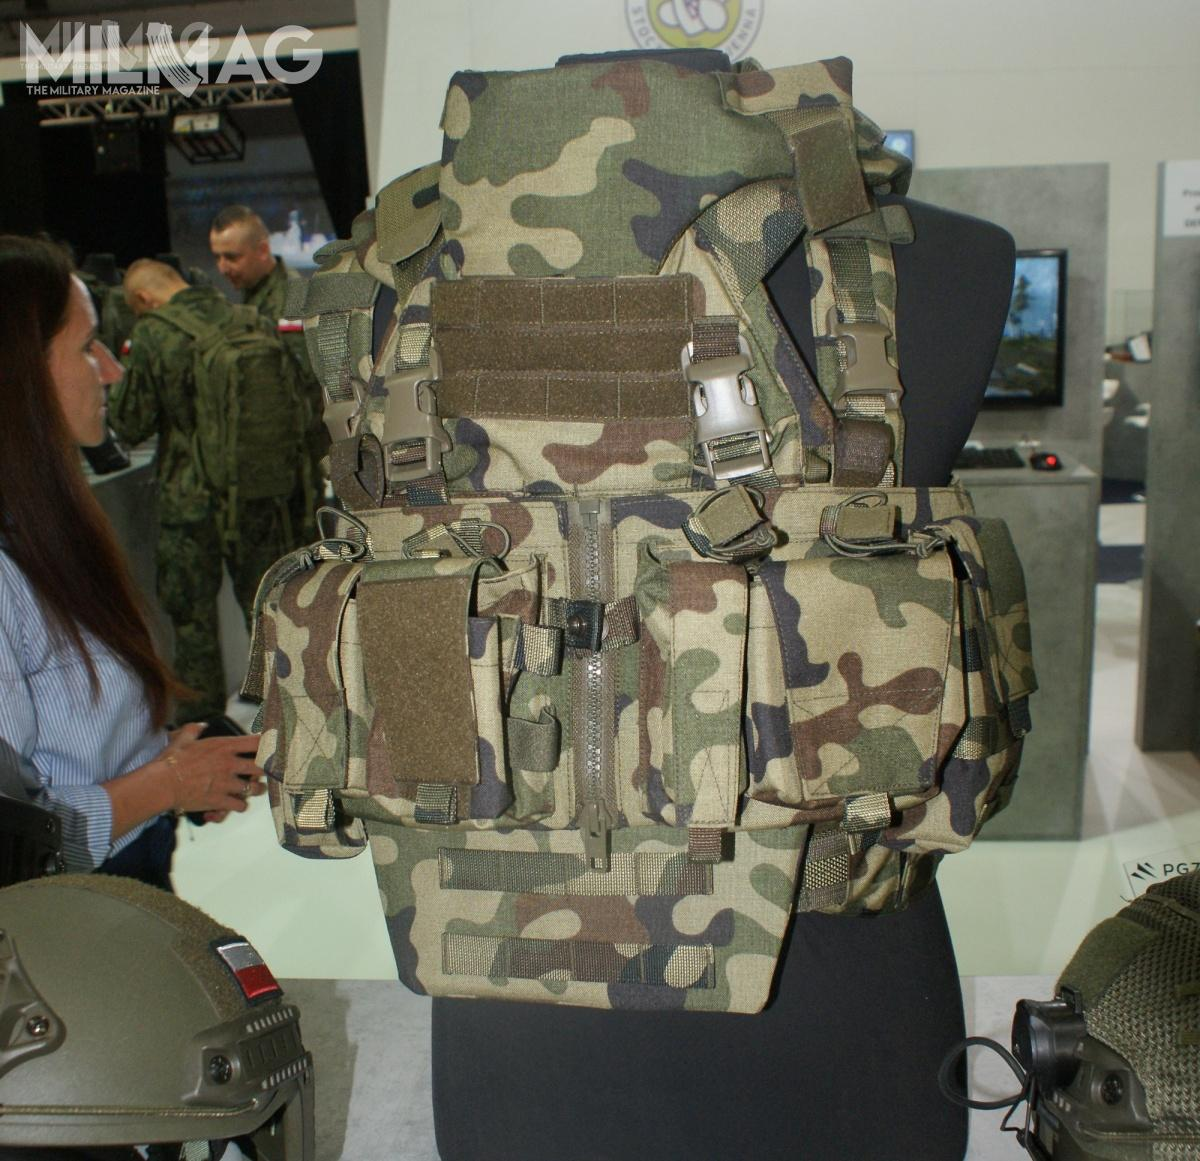 MPC-02 tomodułowy plate carrier przystosowany doprzyjęcia czterech płyt chroniących przedpociskami znabojów 7,62 mm x 39 BZ. Ochronę można rozszerzyć ozewnętrzne panele miękkie.